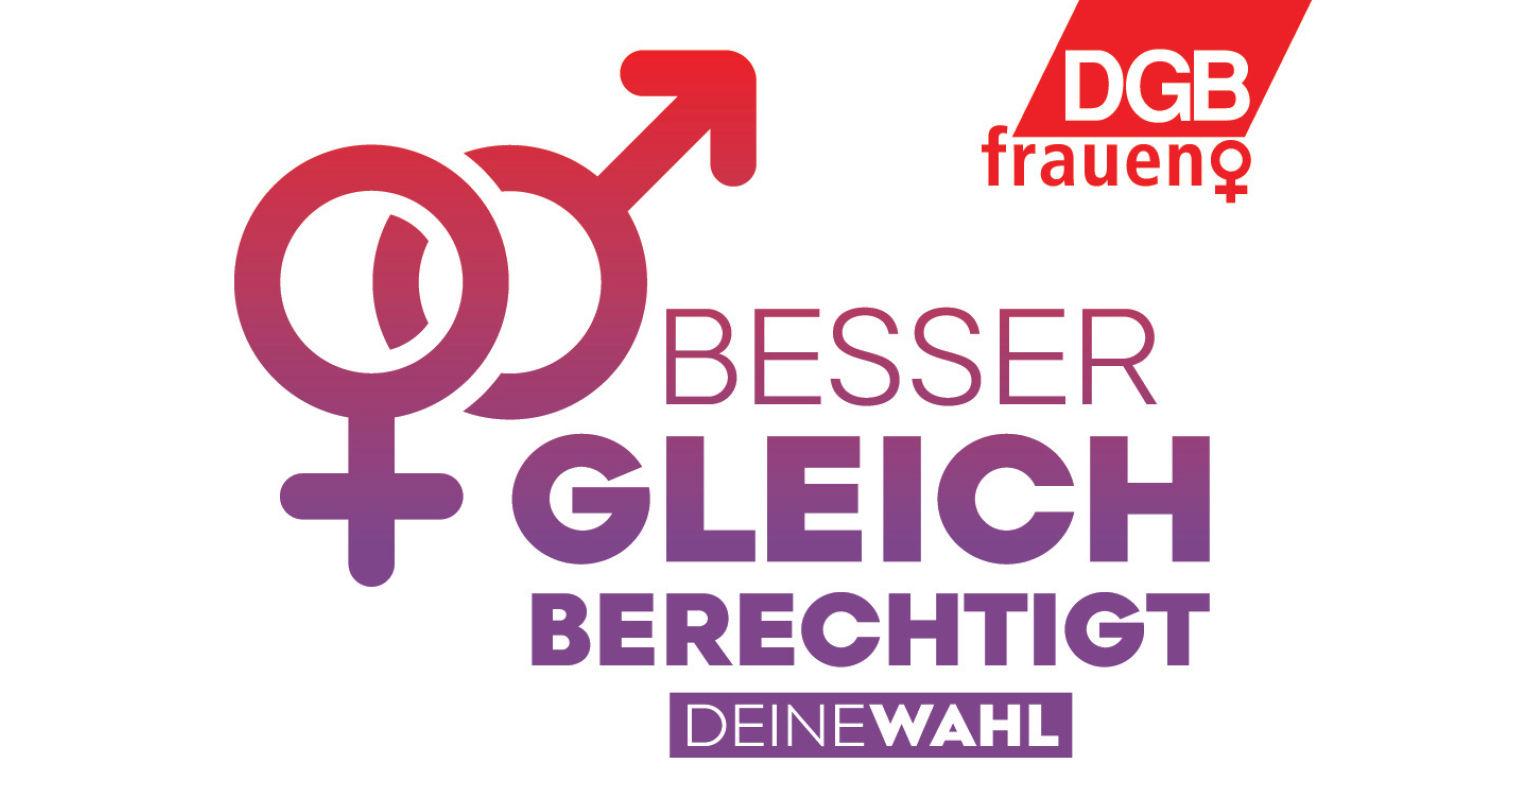 DGB Frauen zur Wahl